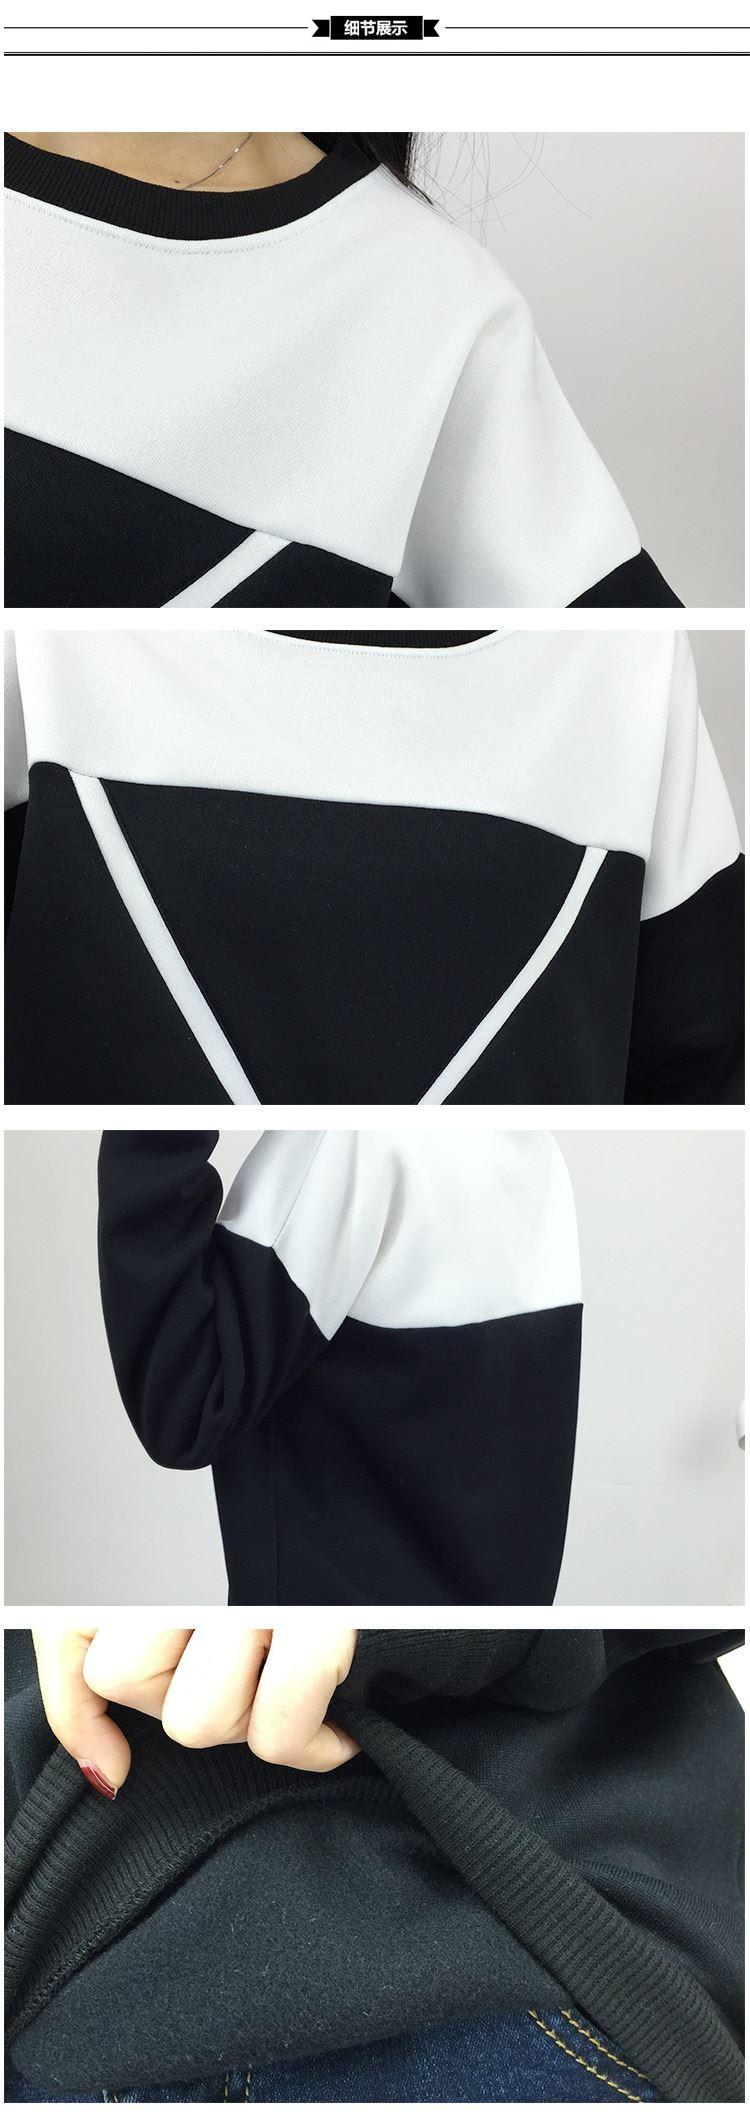 2017 Zima Nowe Mody Czarny i Biały Kolor Czar Patchwork Swetry Kobiety V Wzór Pullover Kobiet Dres M-XXL 11